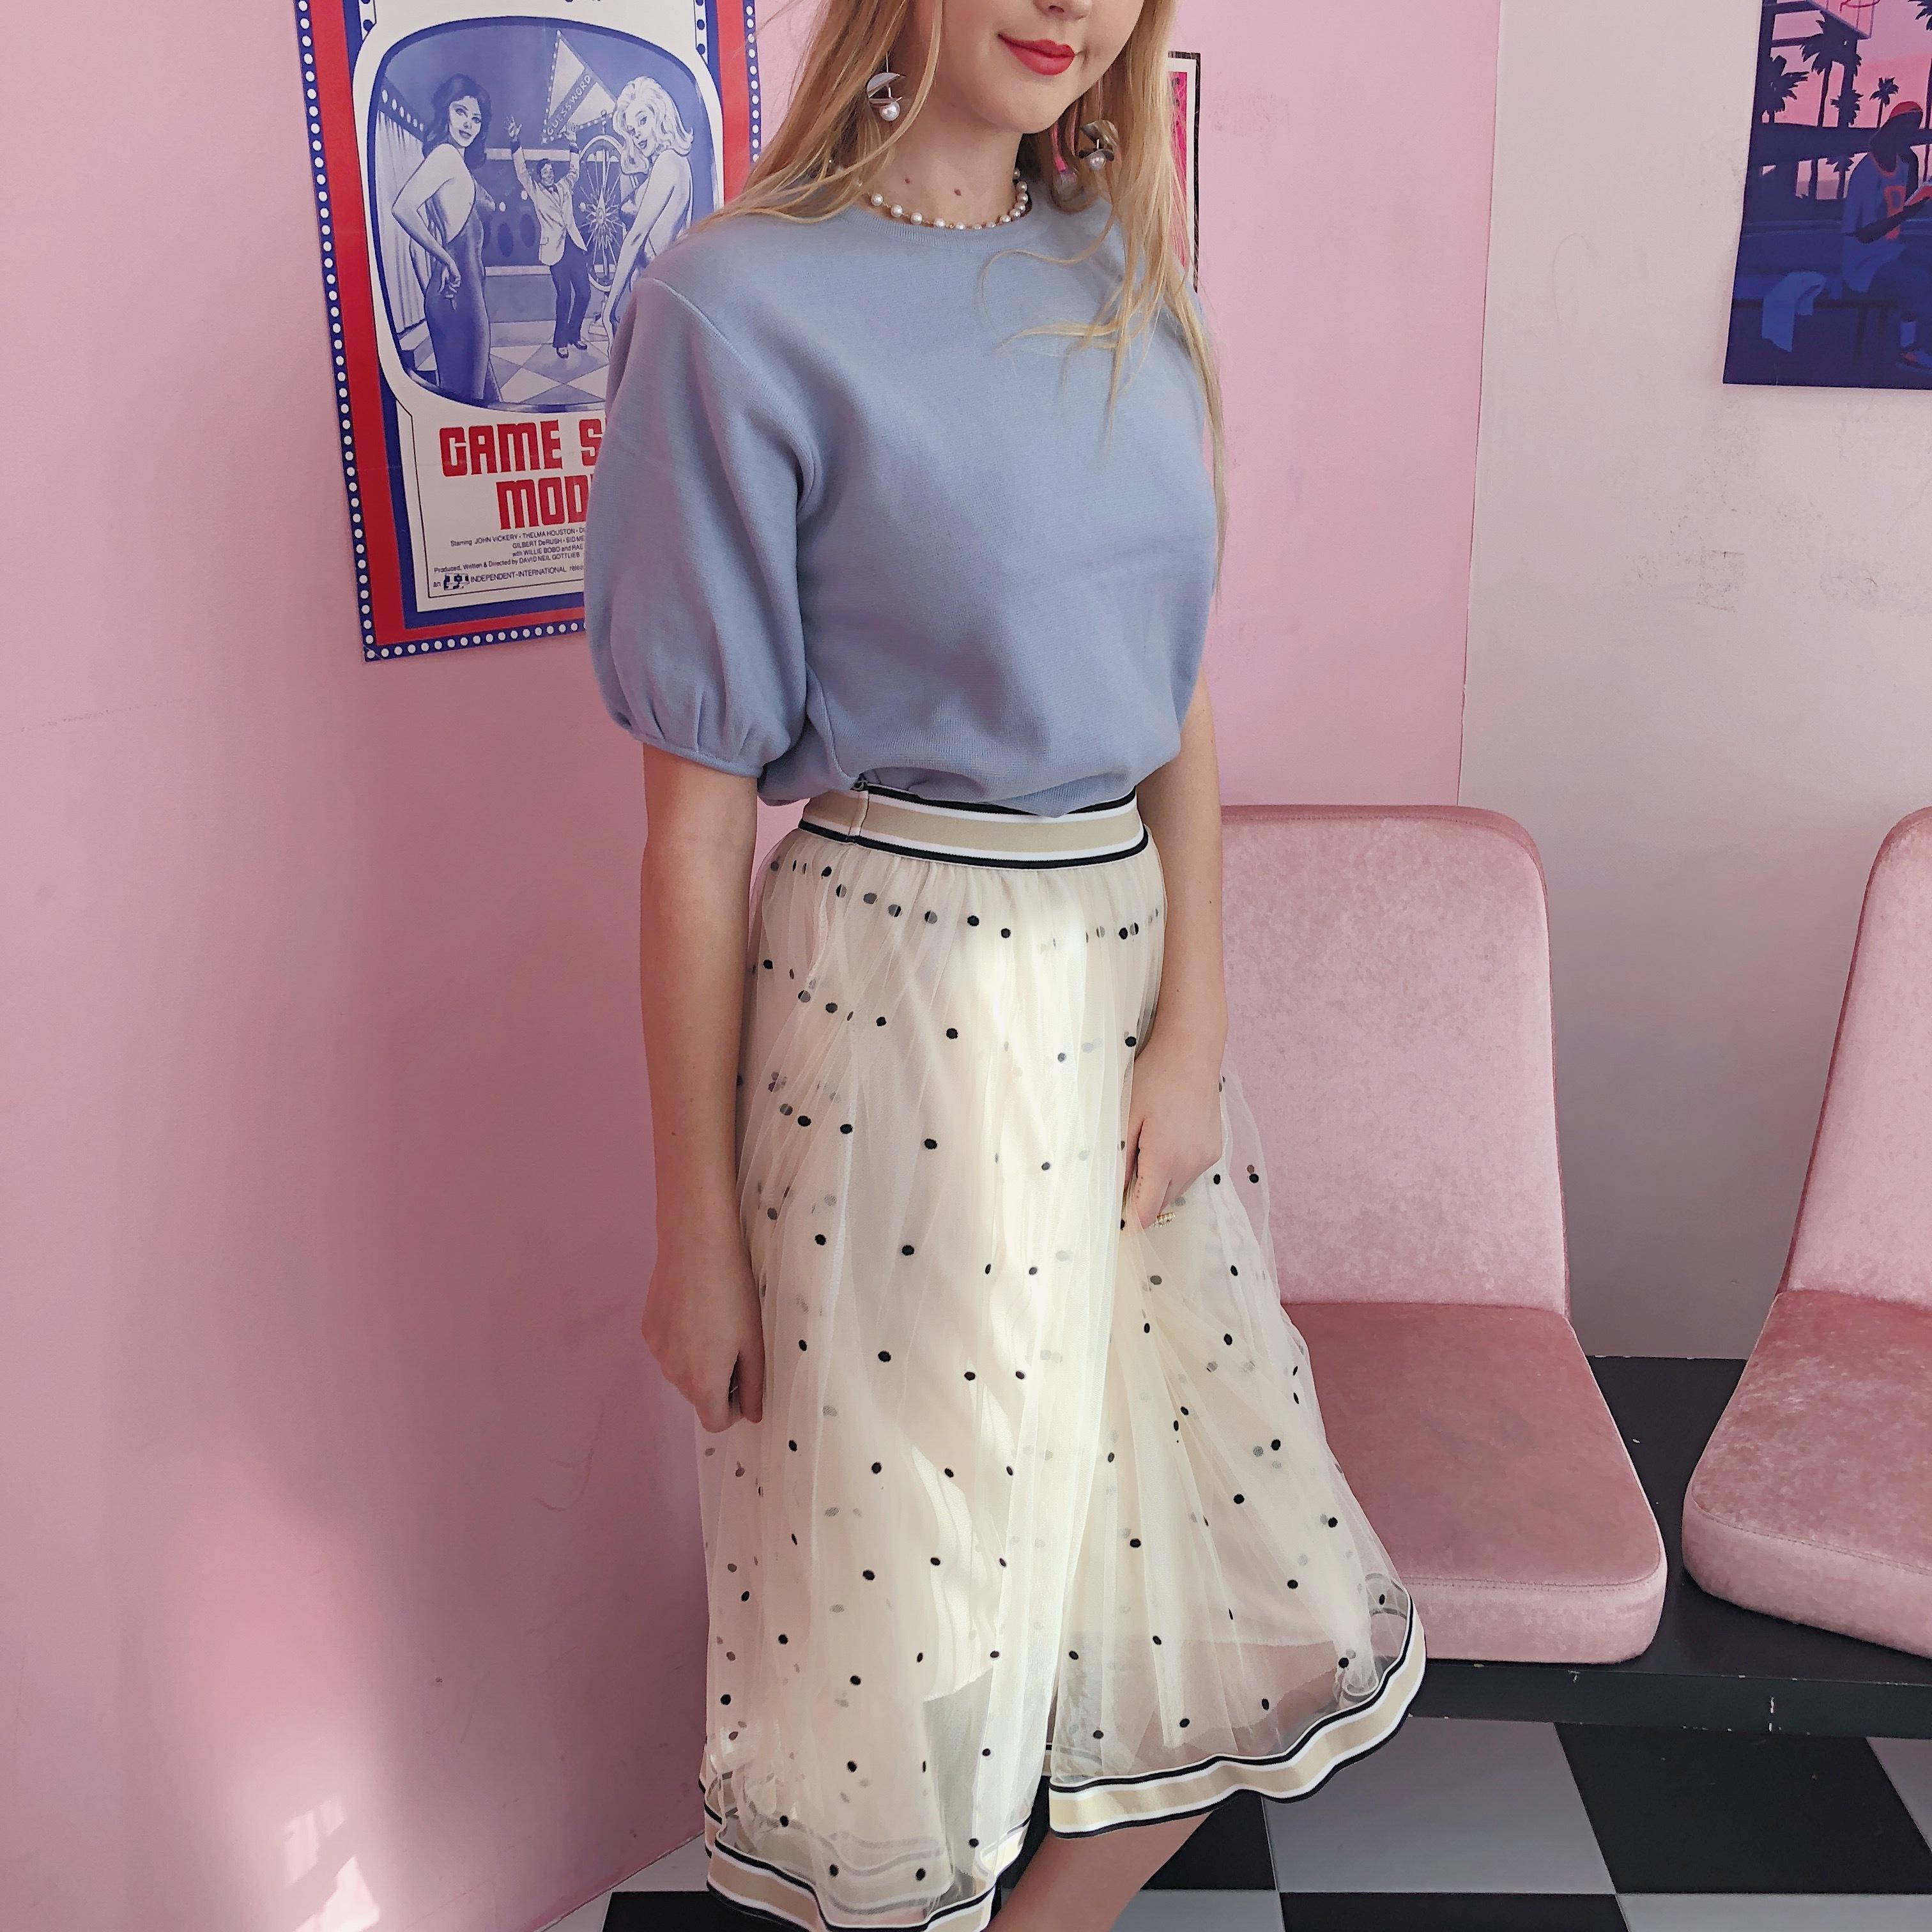 dot seethrough skirt